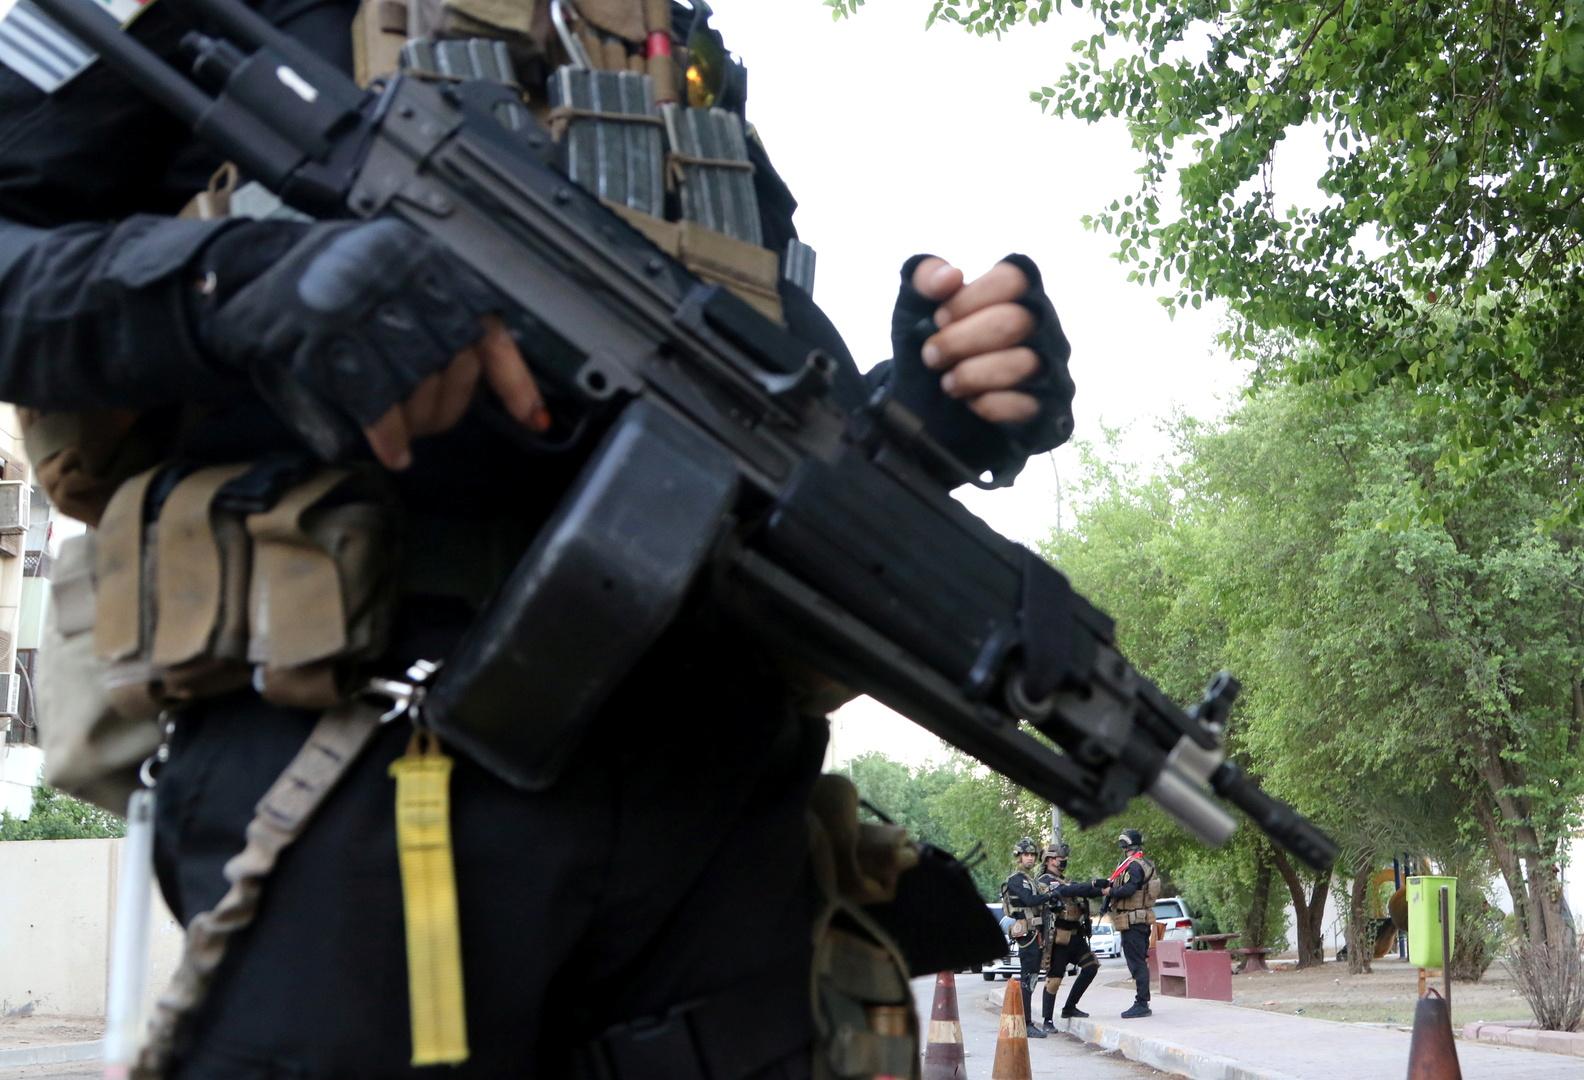 مراسلنا: المخابرات العراقية تقبض على أحد مخططي تفجير الكرادة الضخم عام 2016